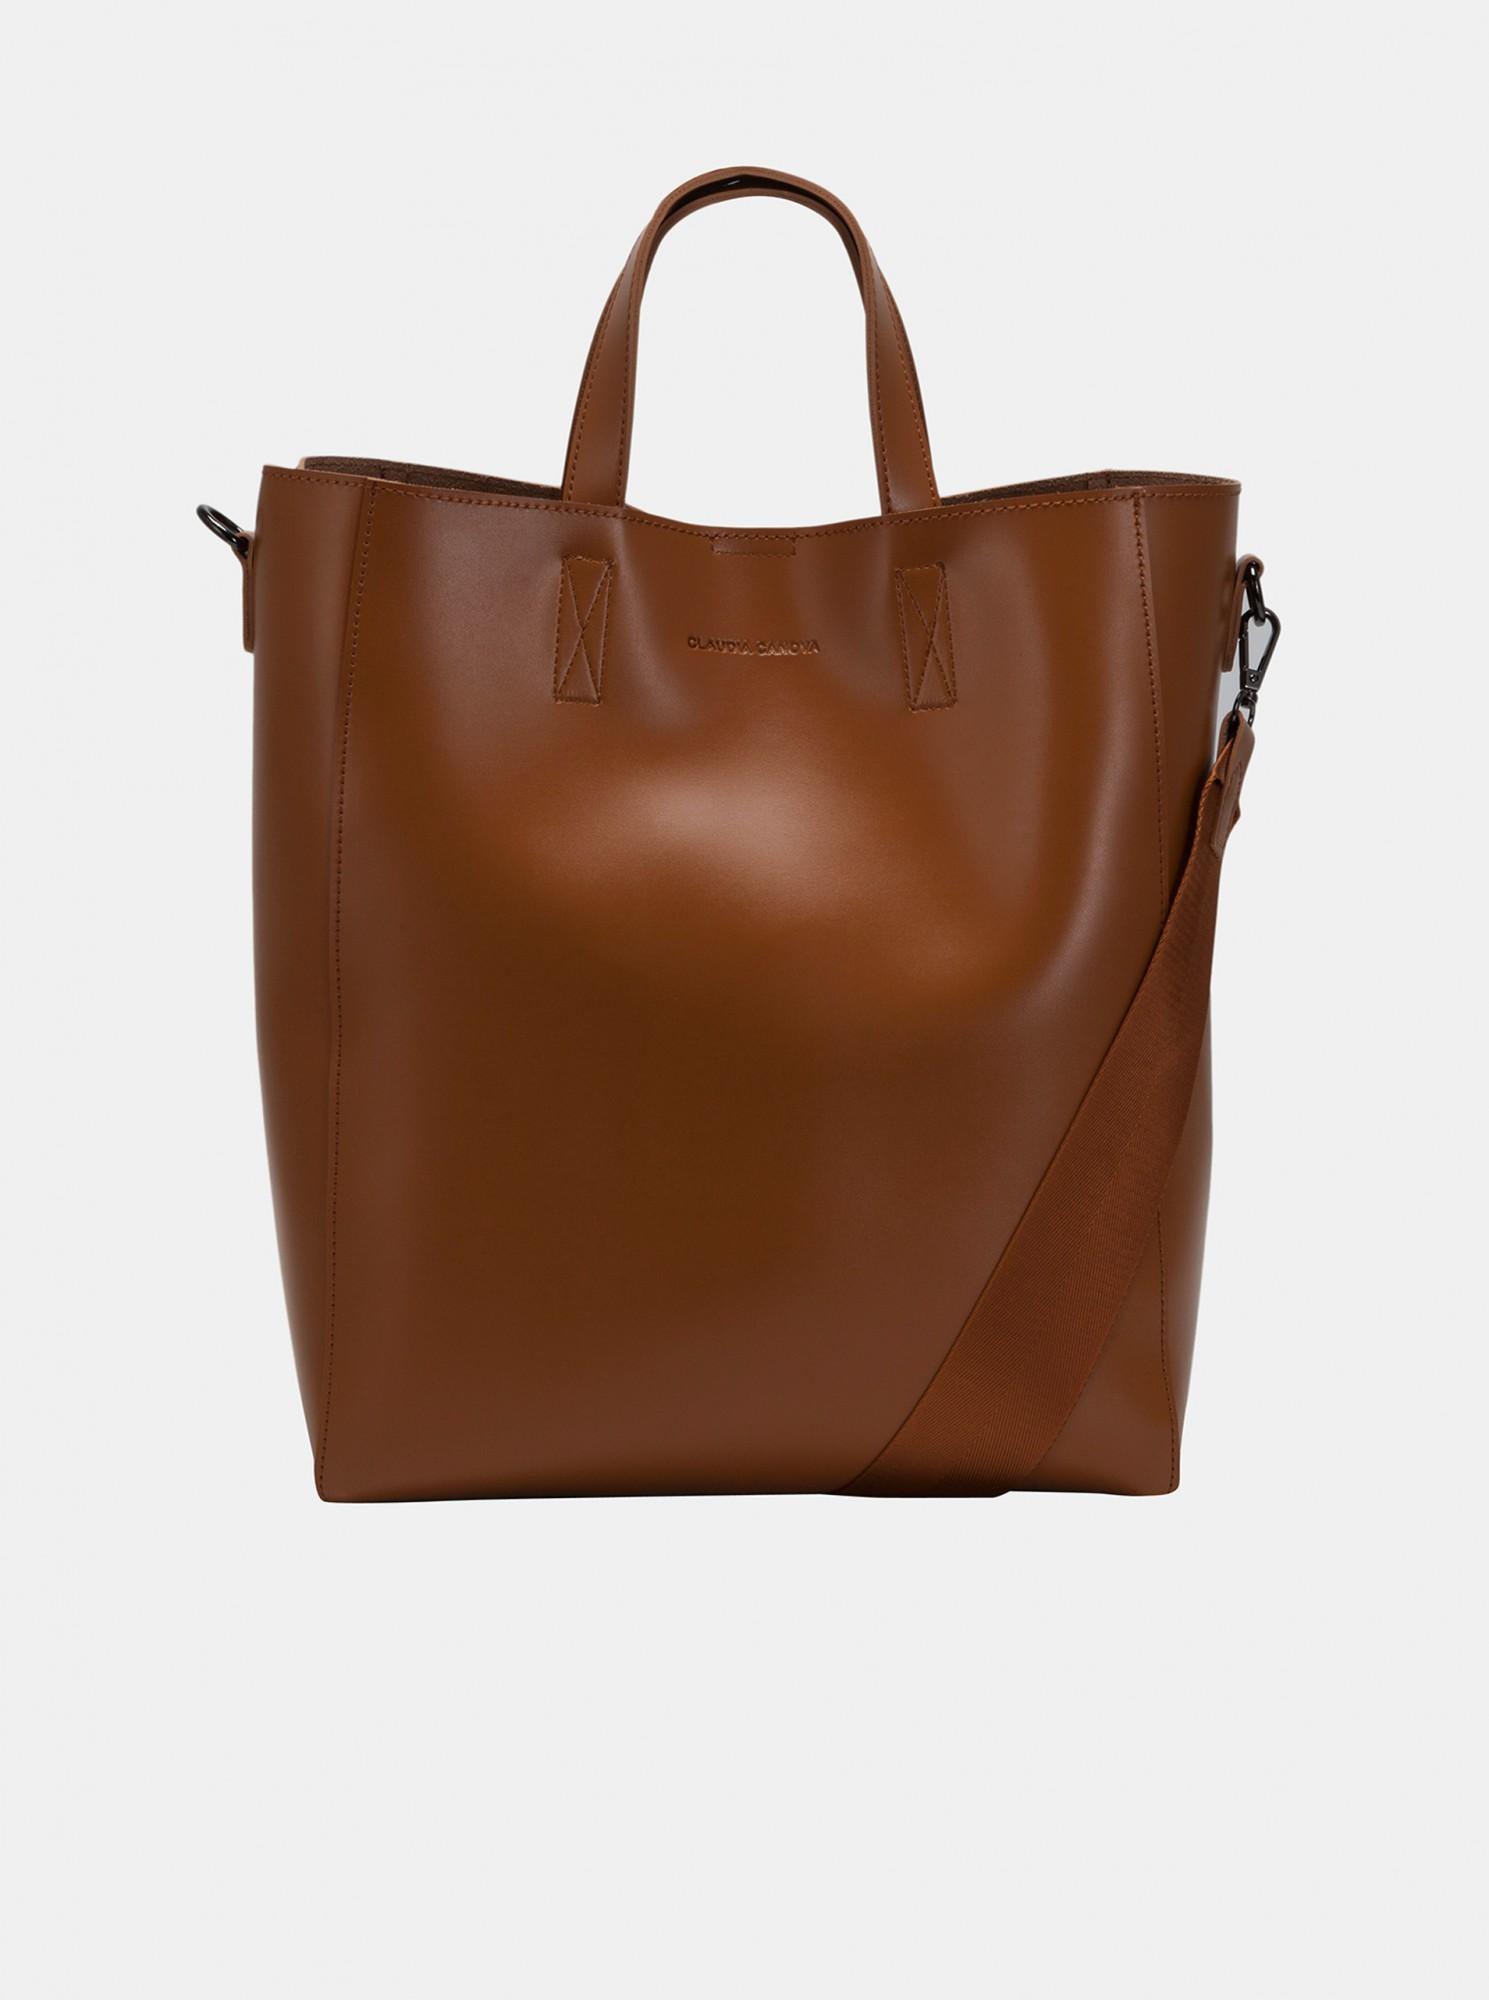 Claudia Canova marrone grande borsetta